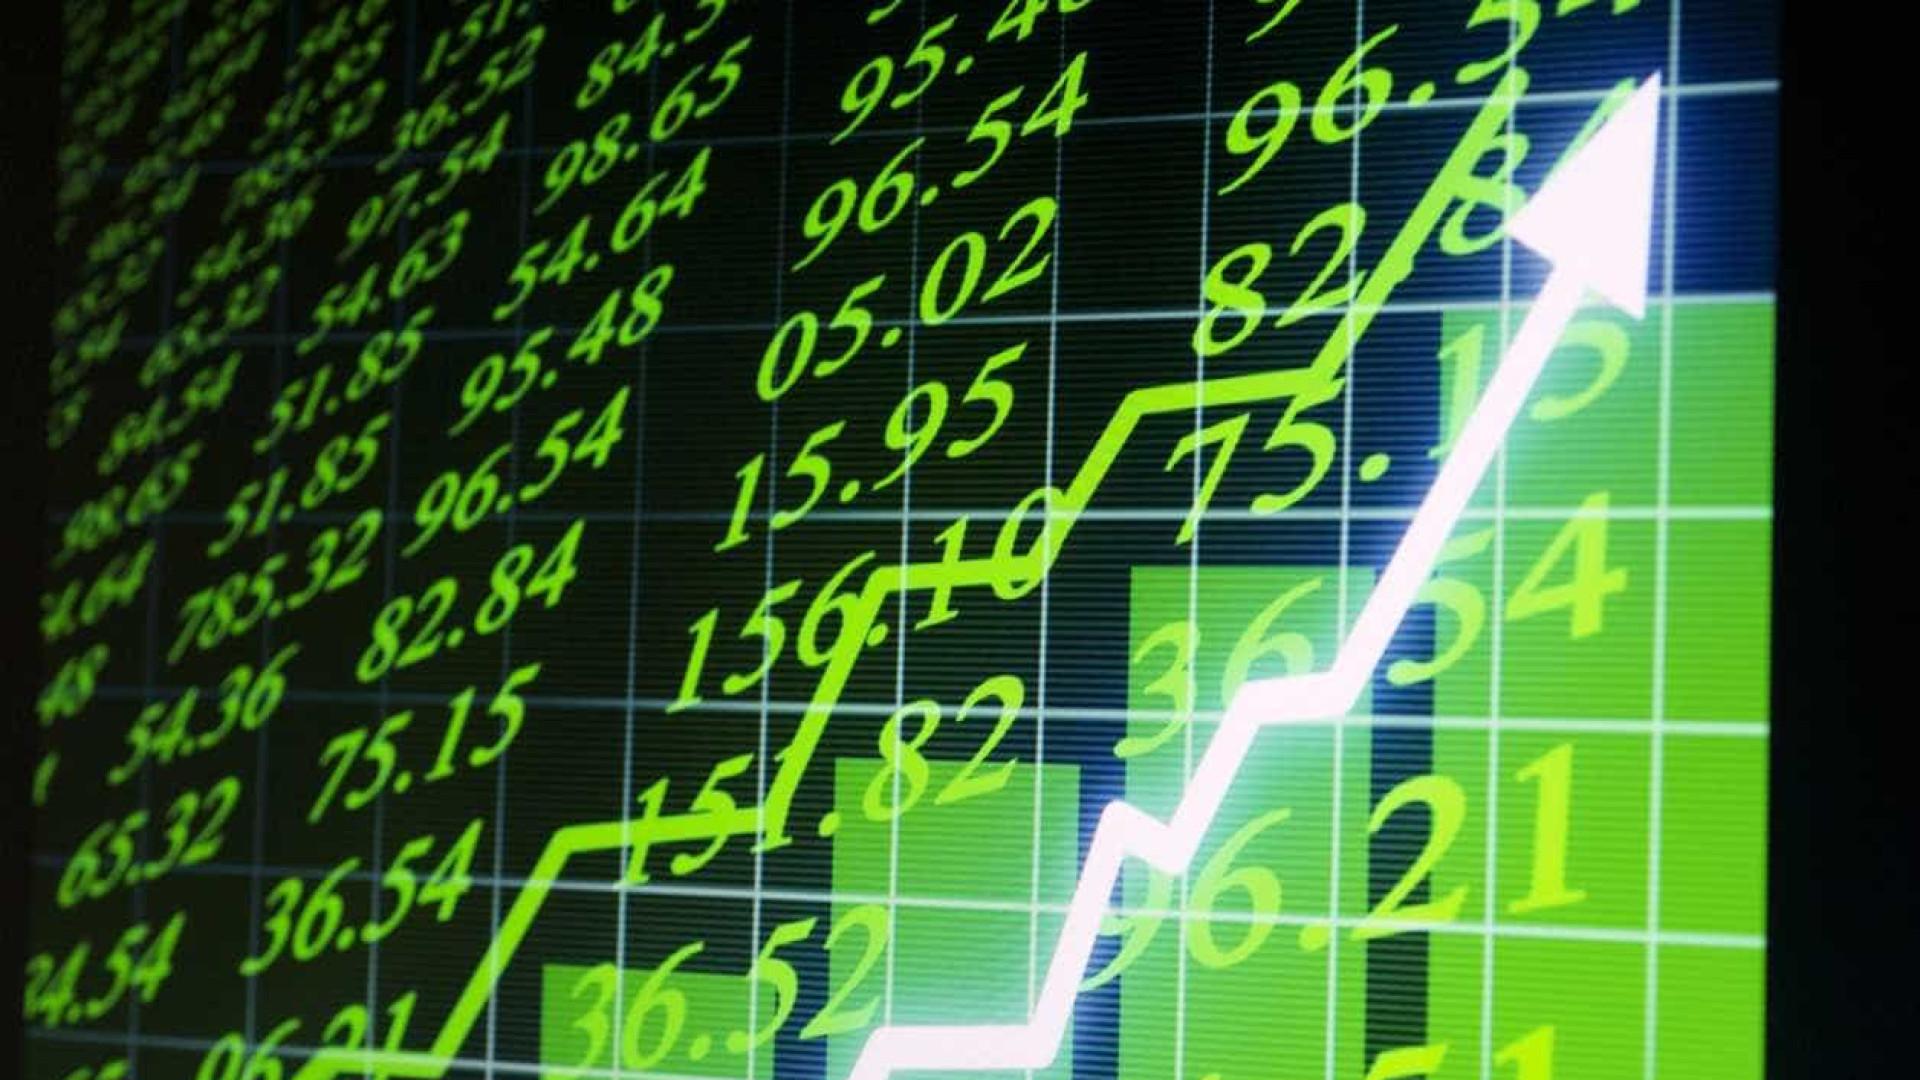 Bolsas europeias seguem inalteradas